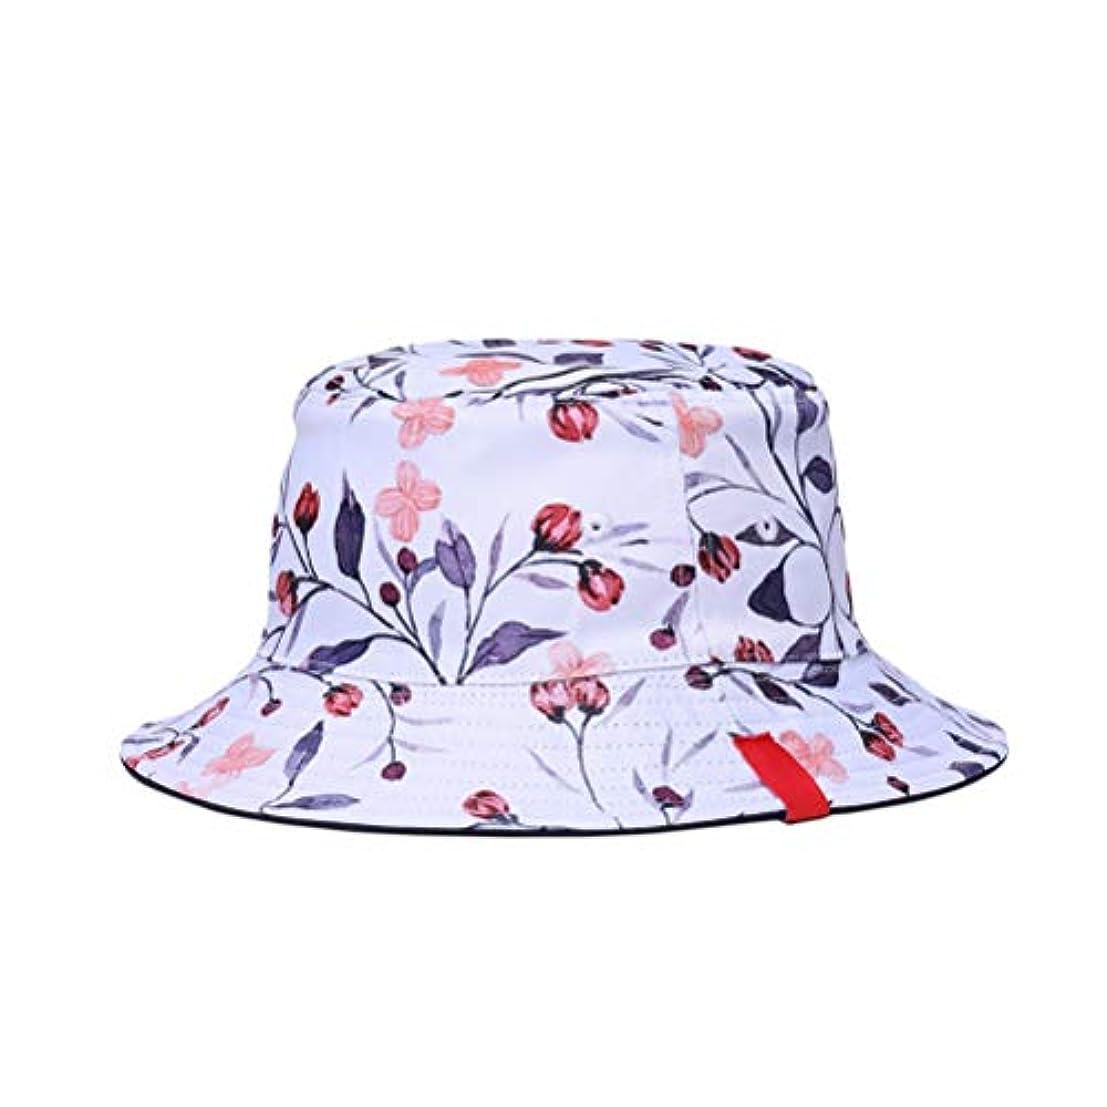 打たれたトラック高音現れる両面リバーシブルバケットハット3Dプリント漁師の帽子夏の春の帽子カジュアルSunhat男性用女性(ツバキ)